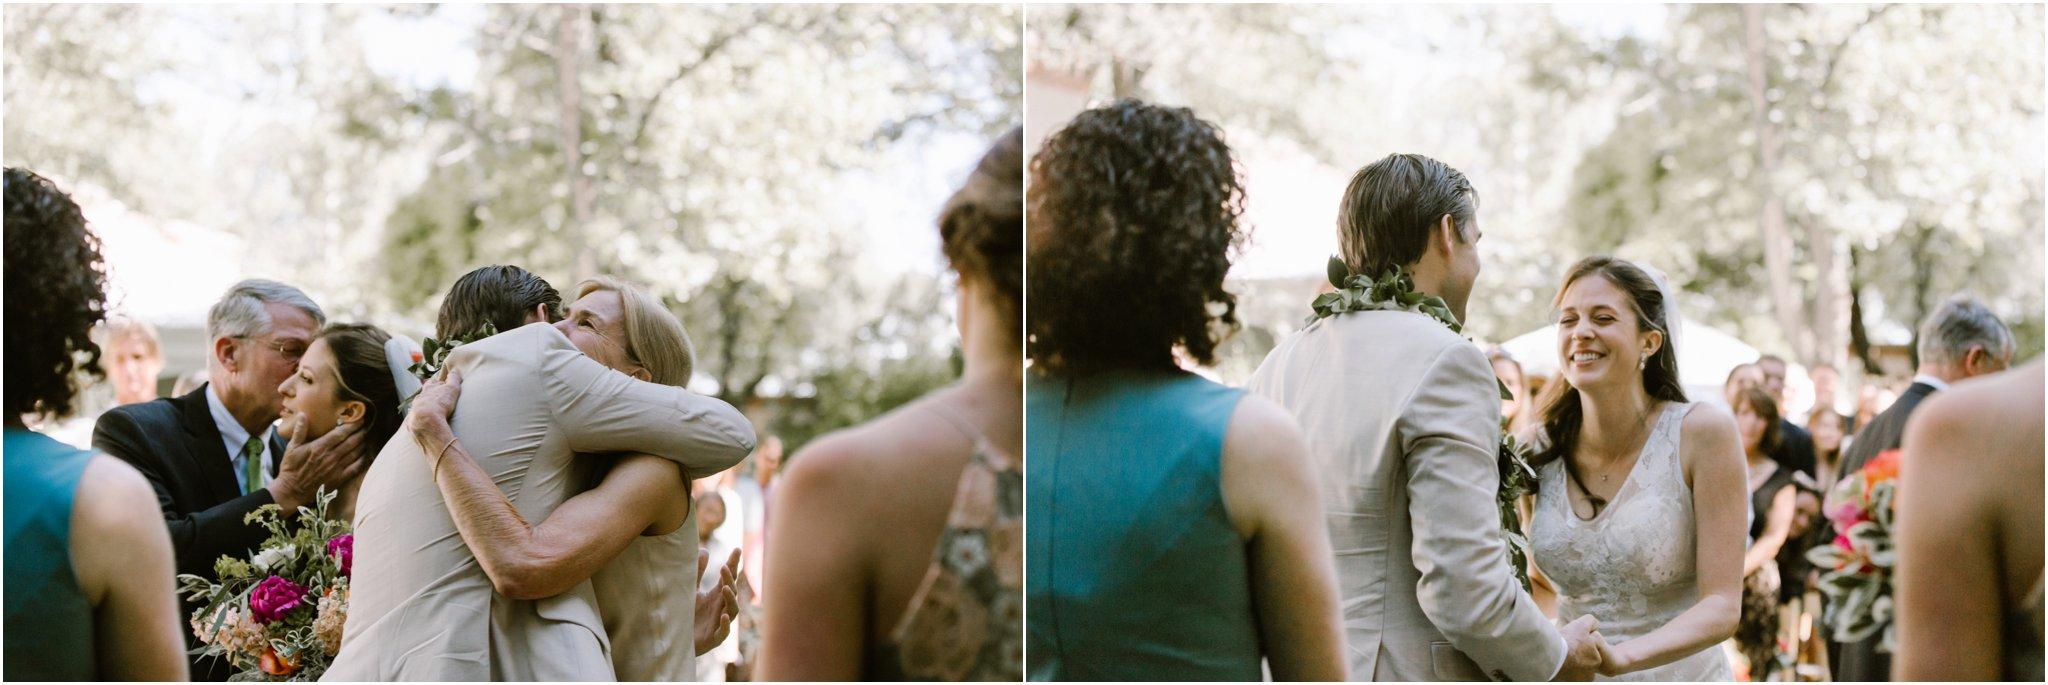 0264Los Poblanos Weddings Blue Rose Photography Studios